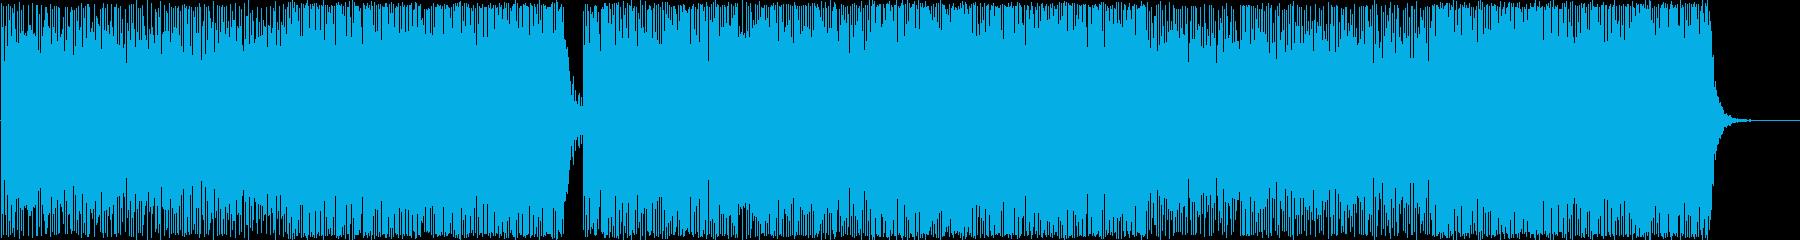 エレクトロニックポップBGM(Voなし)の再生済みの波形